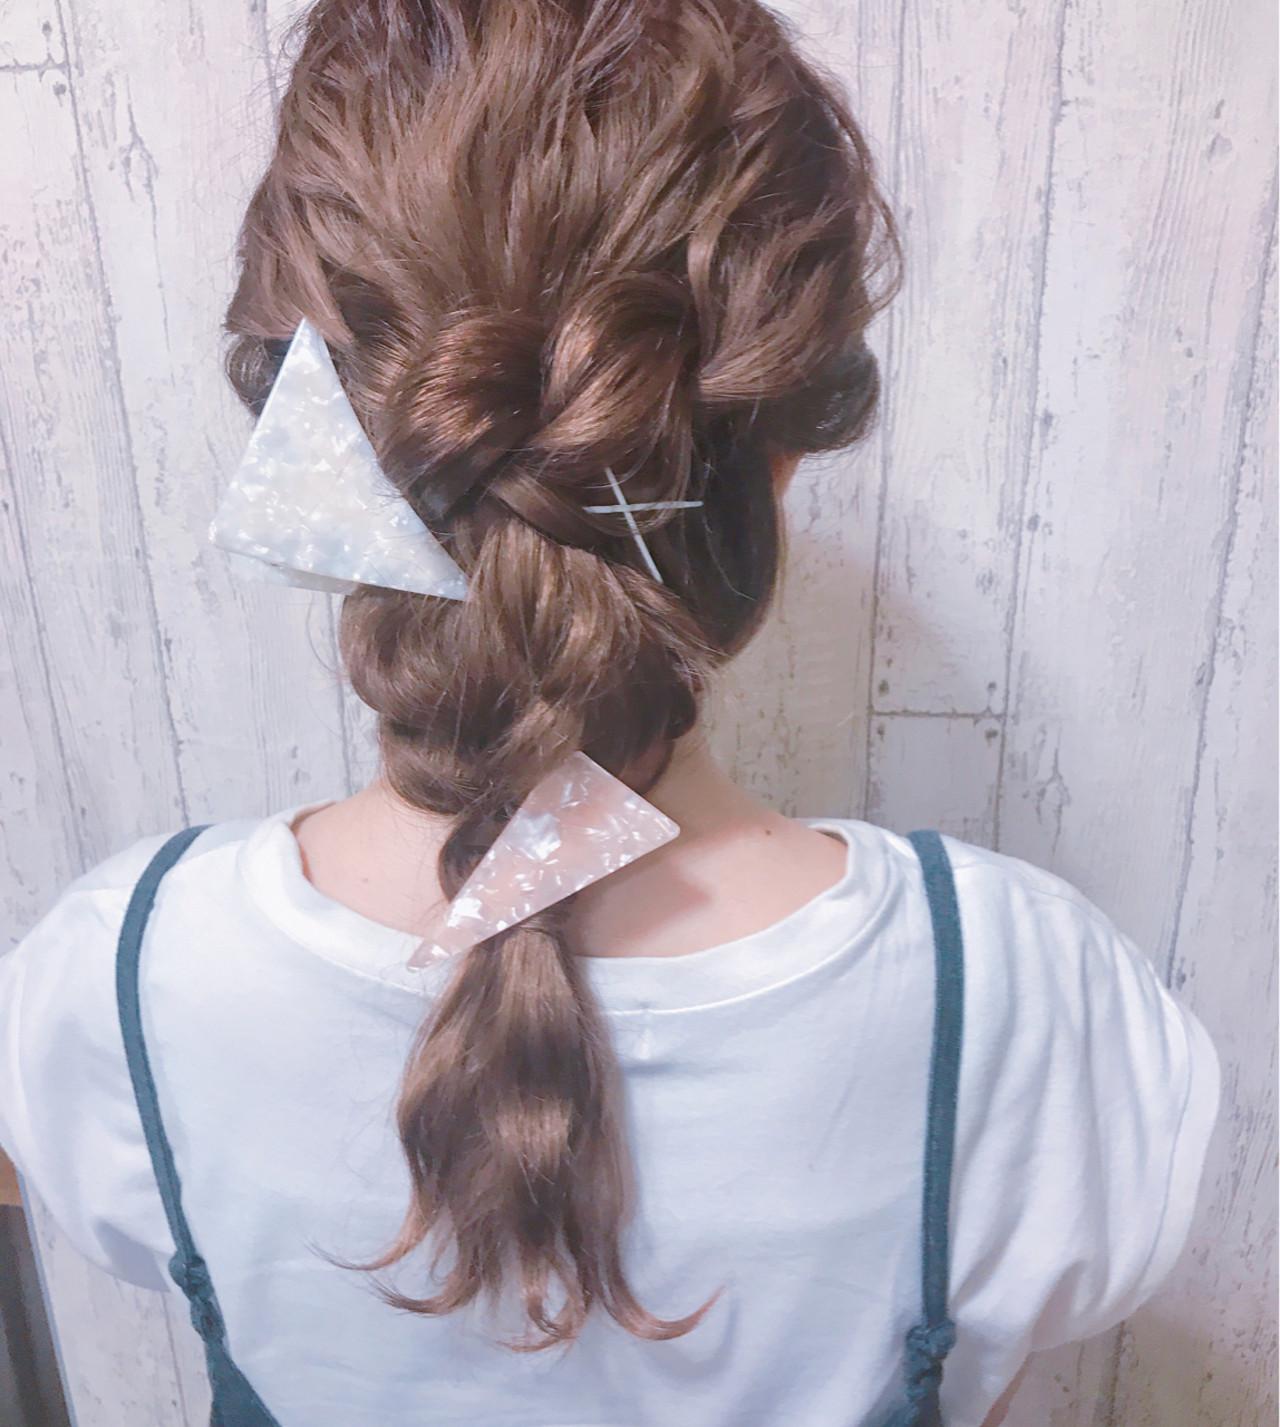 ワックス不要?人気のふんわりかわいい髪型セット 大平 結花